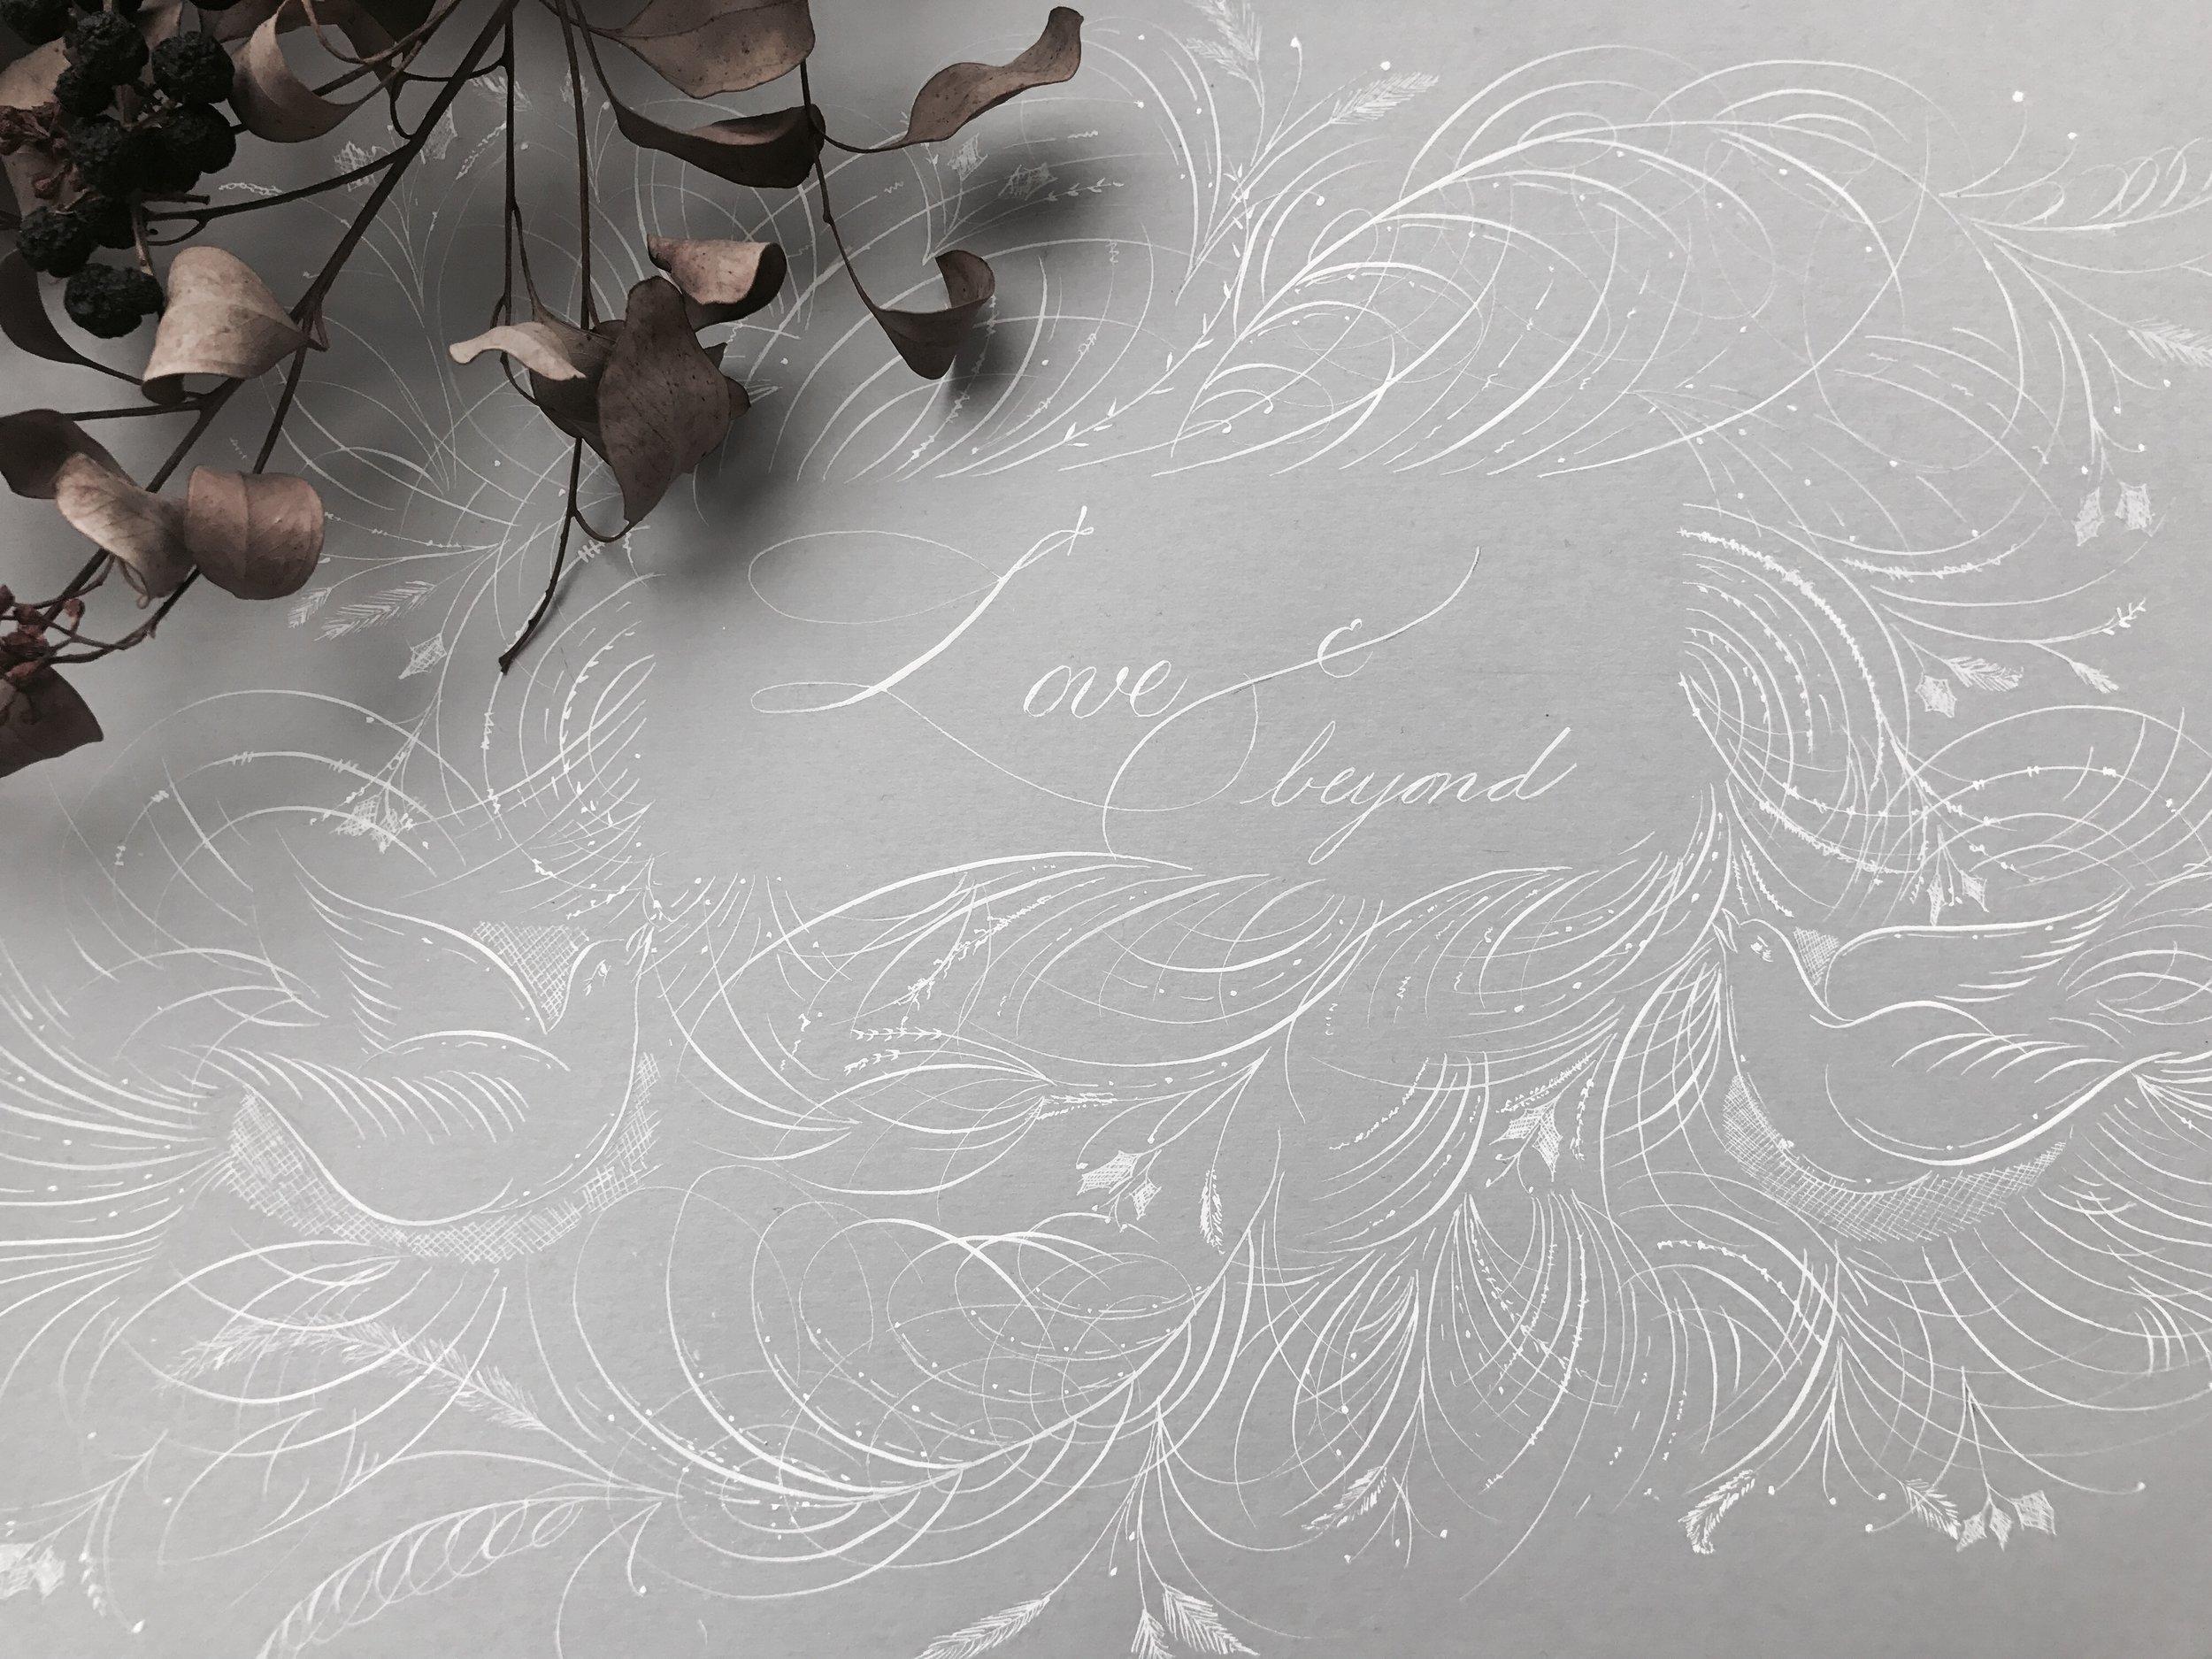 Off-hand flourishing - An art piece close to her heart.